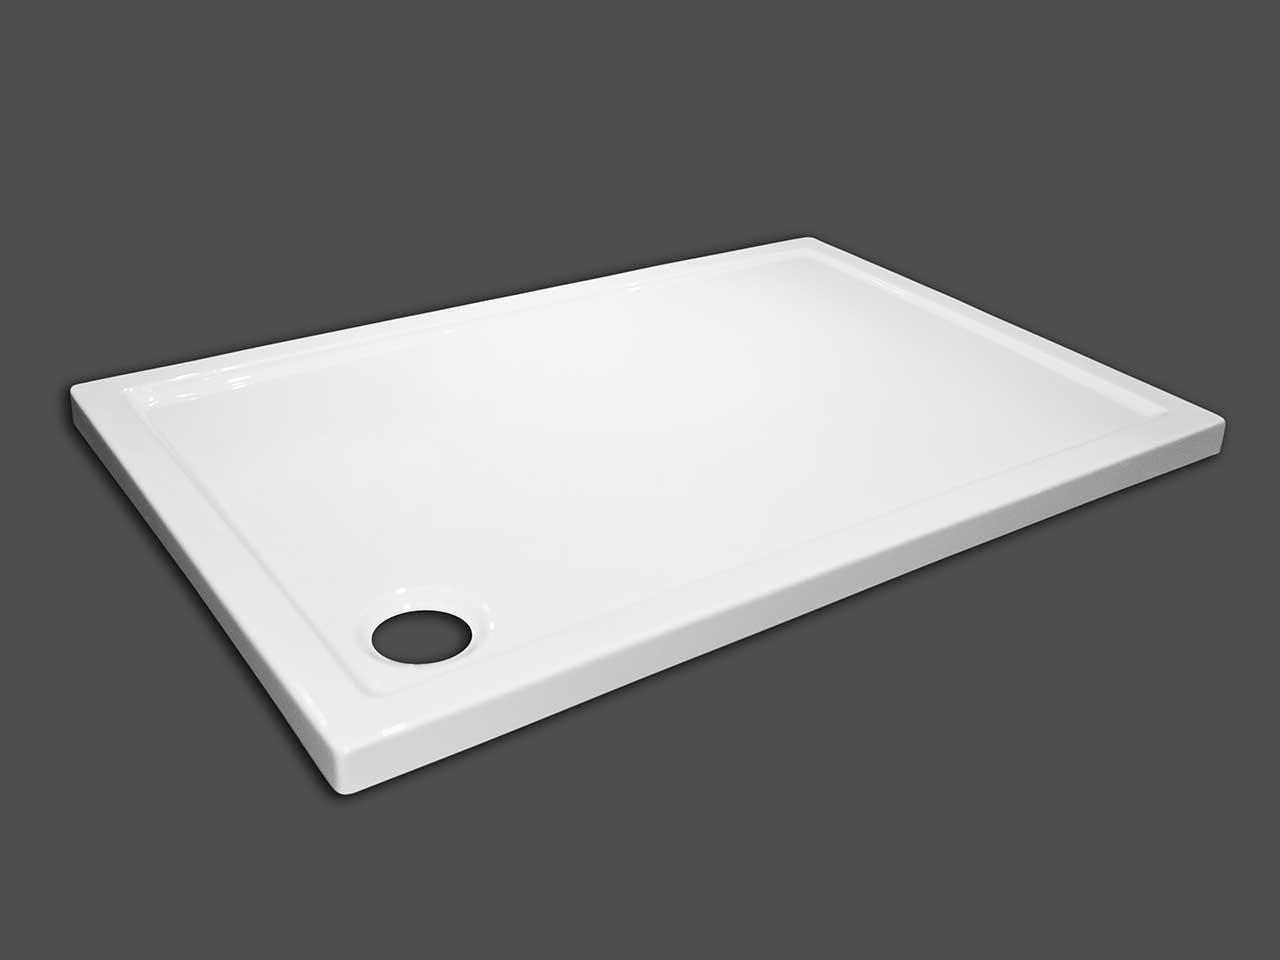 Piatto doccia flat 70x100 h5 bianco iperceramica - Piatto doccia piastrellabile ...